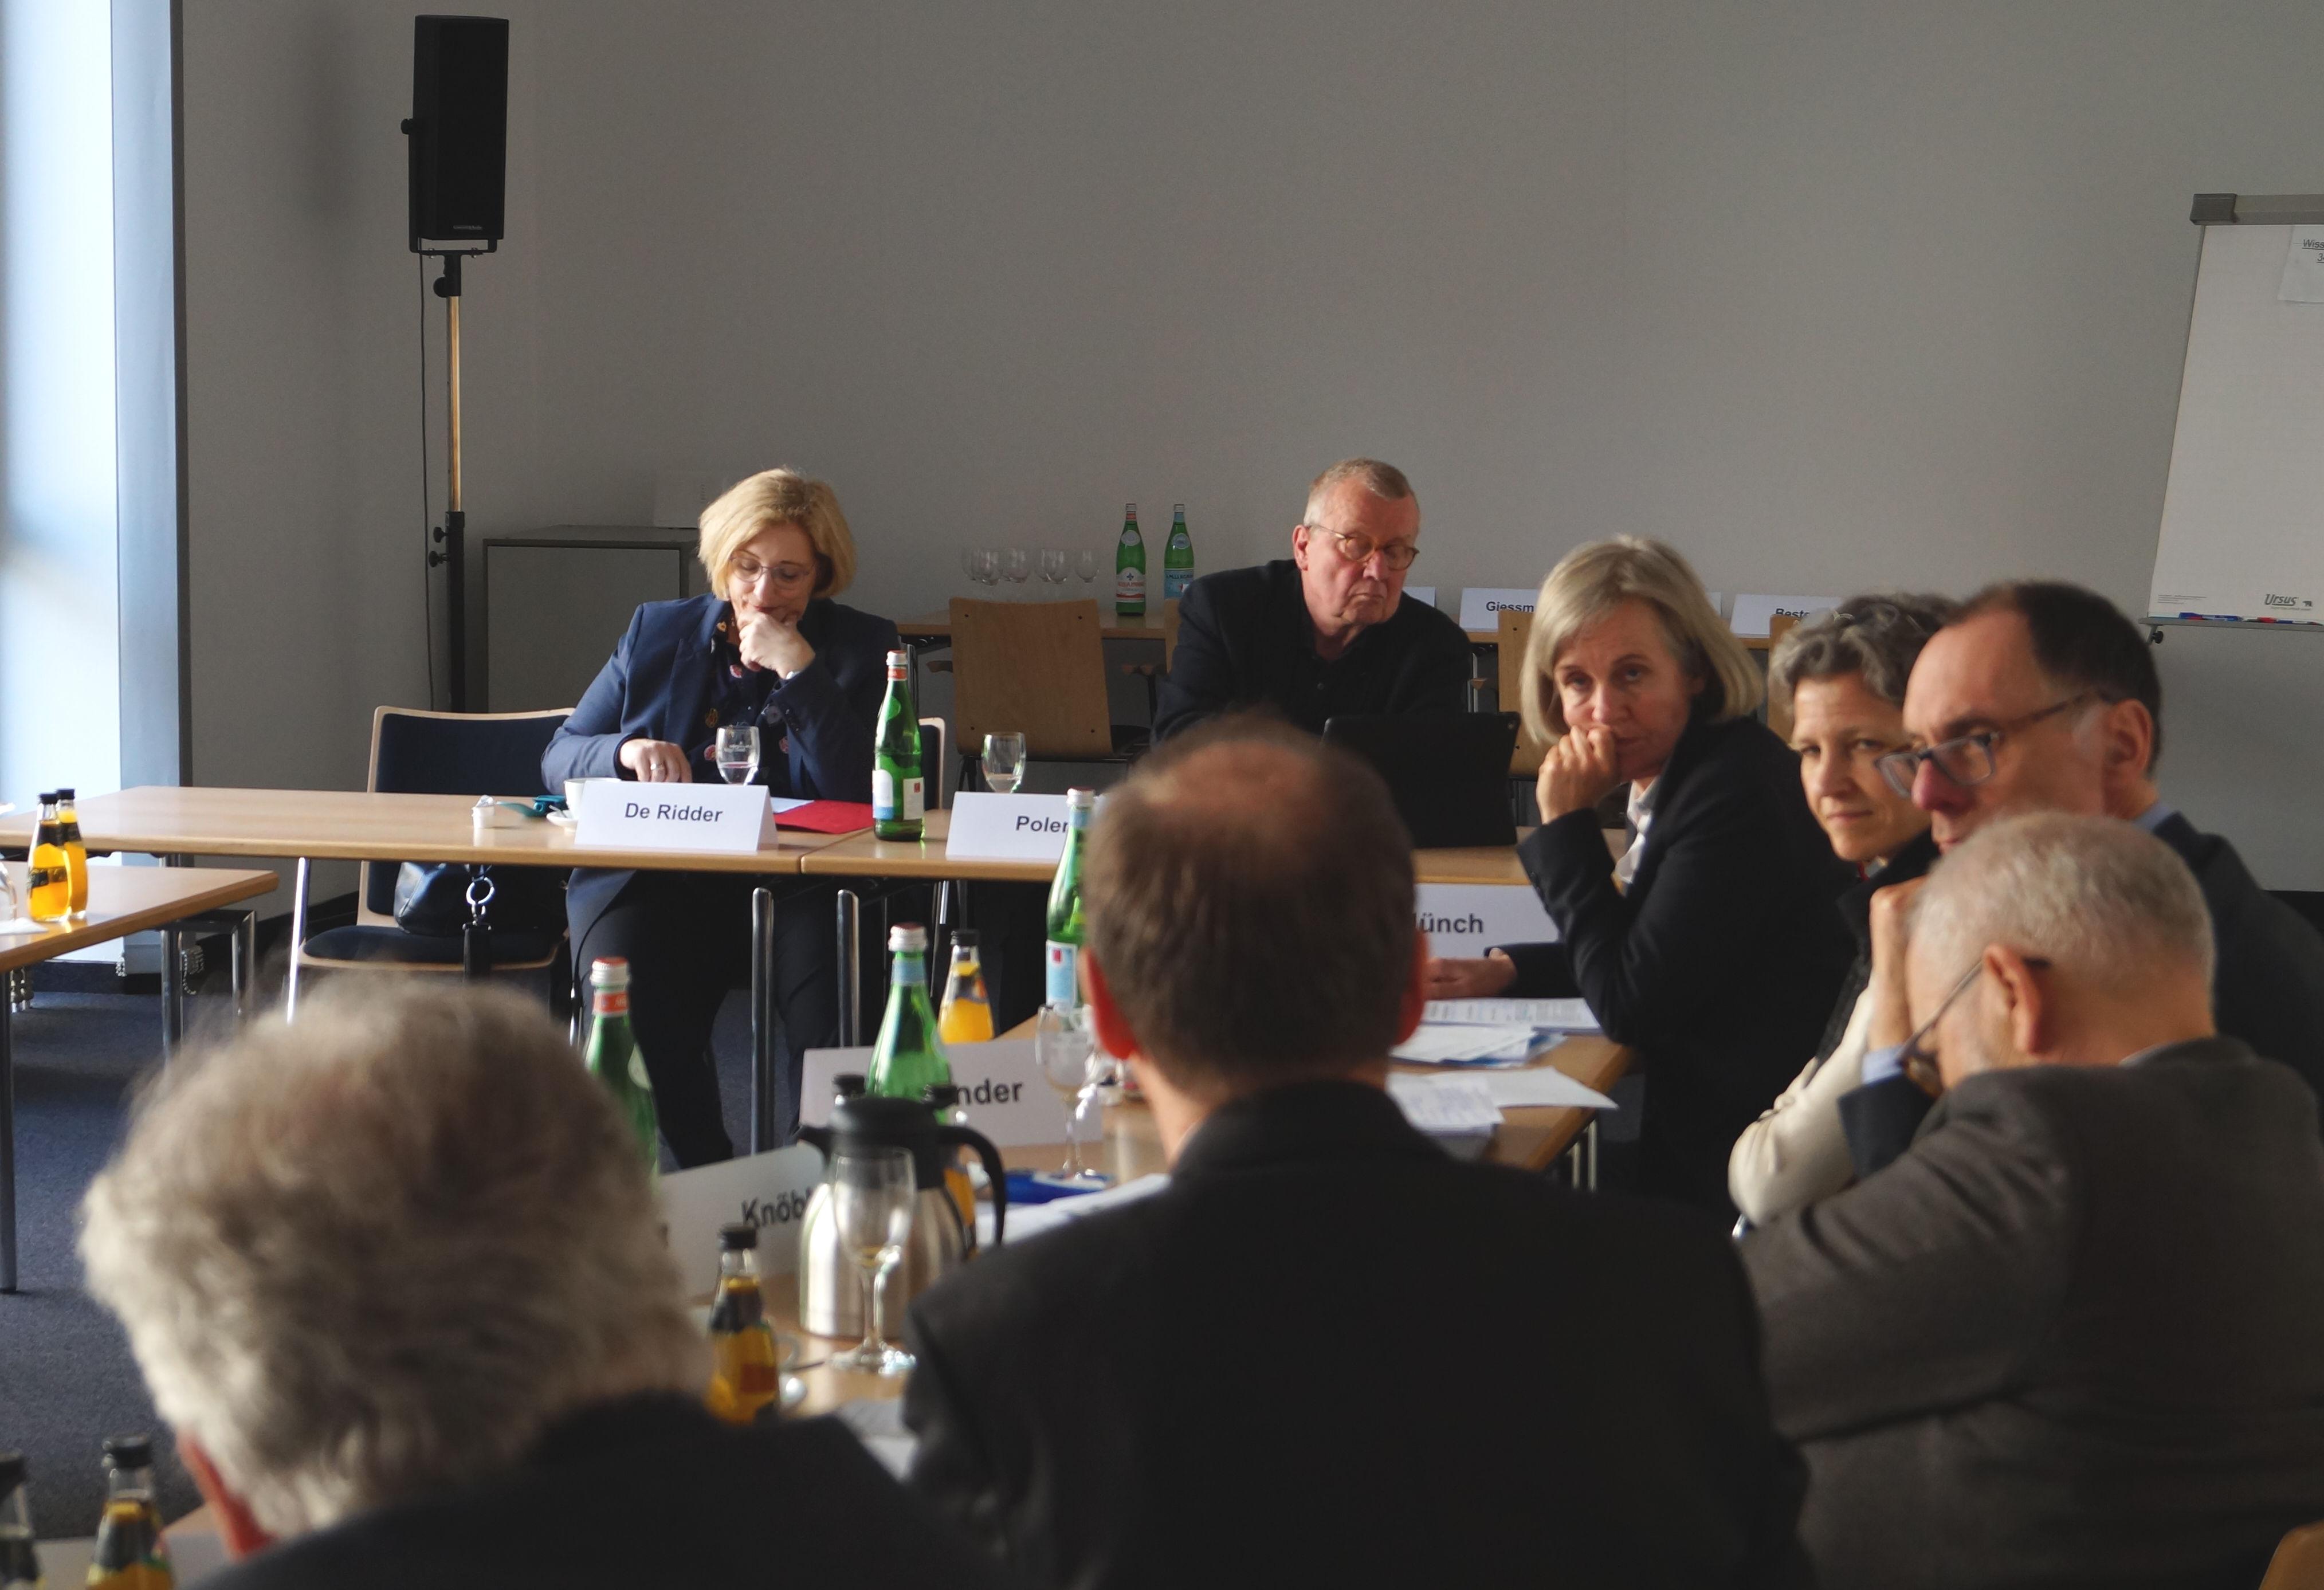 Dr. Daniela De Ridder zu Gast beim Forum des Wissenschats 2.1